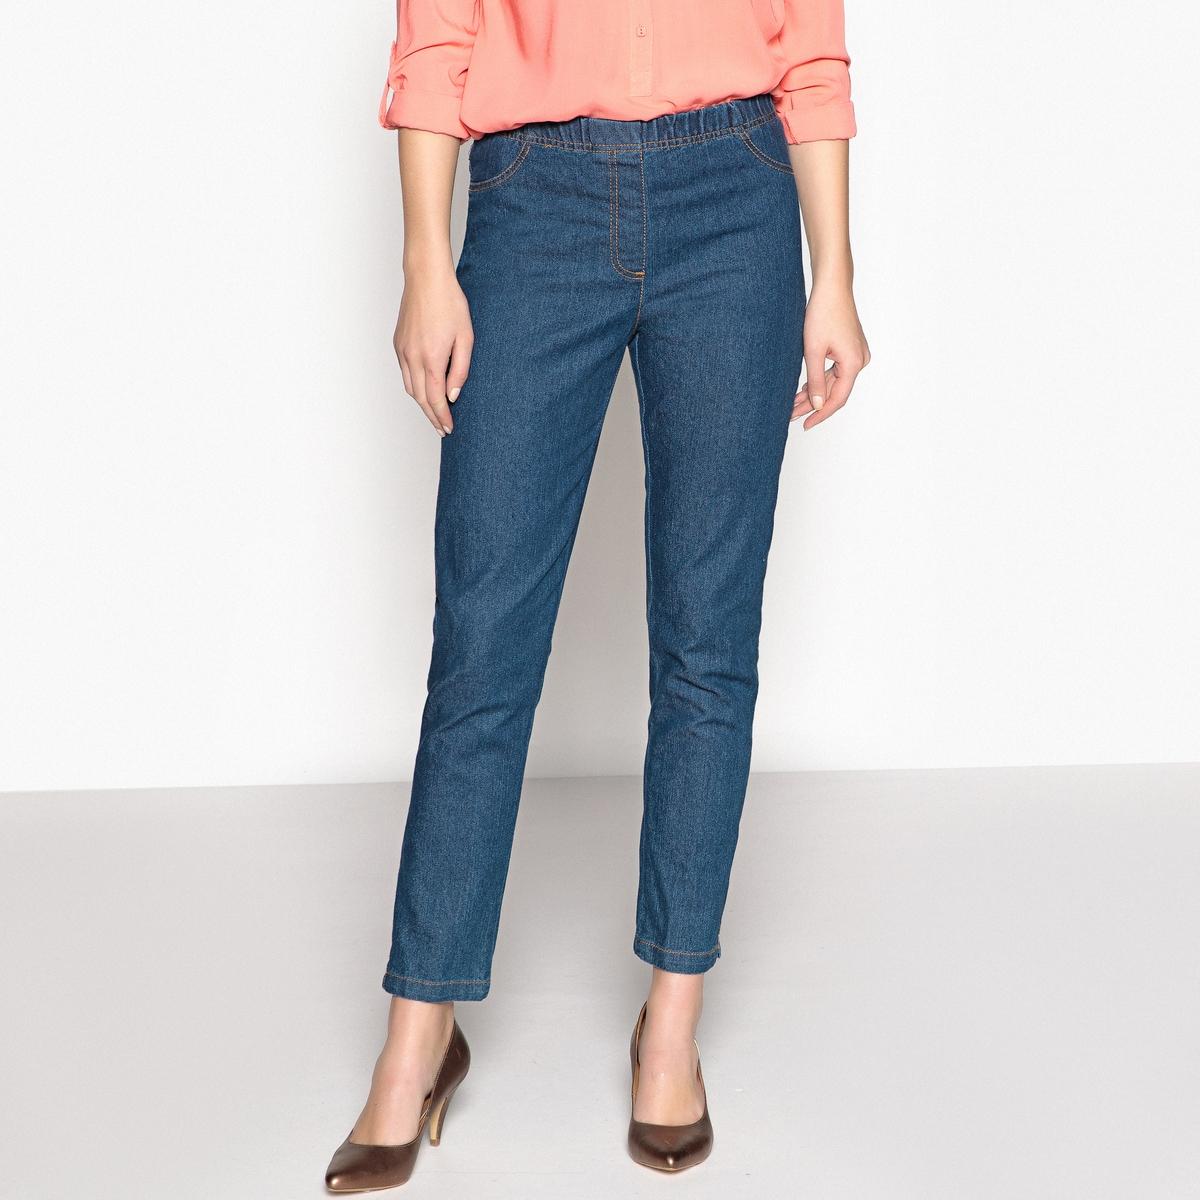 Jeans afunilados, cós elástico